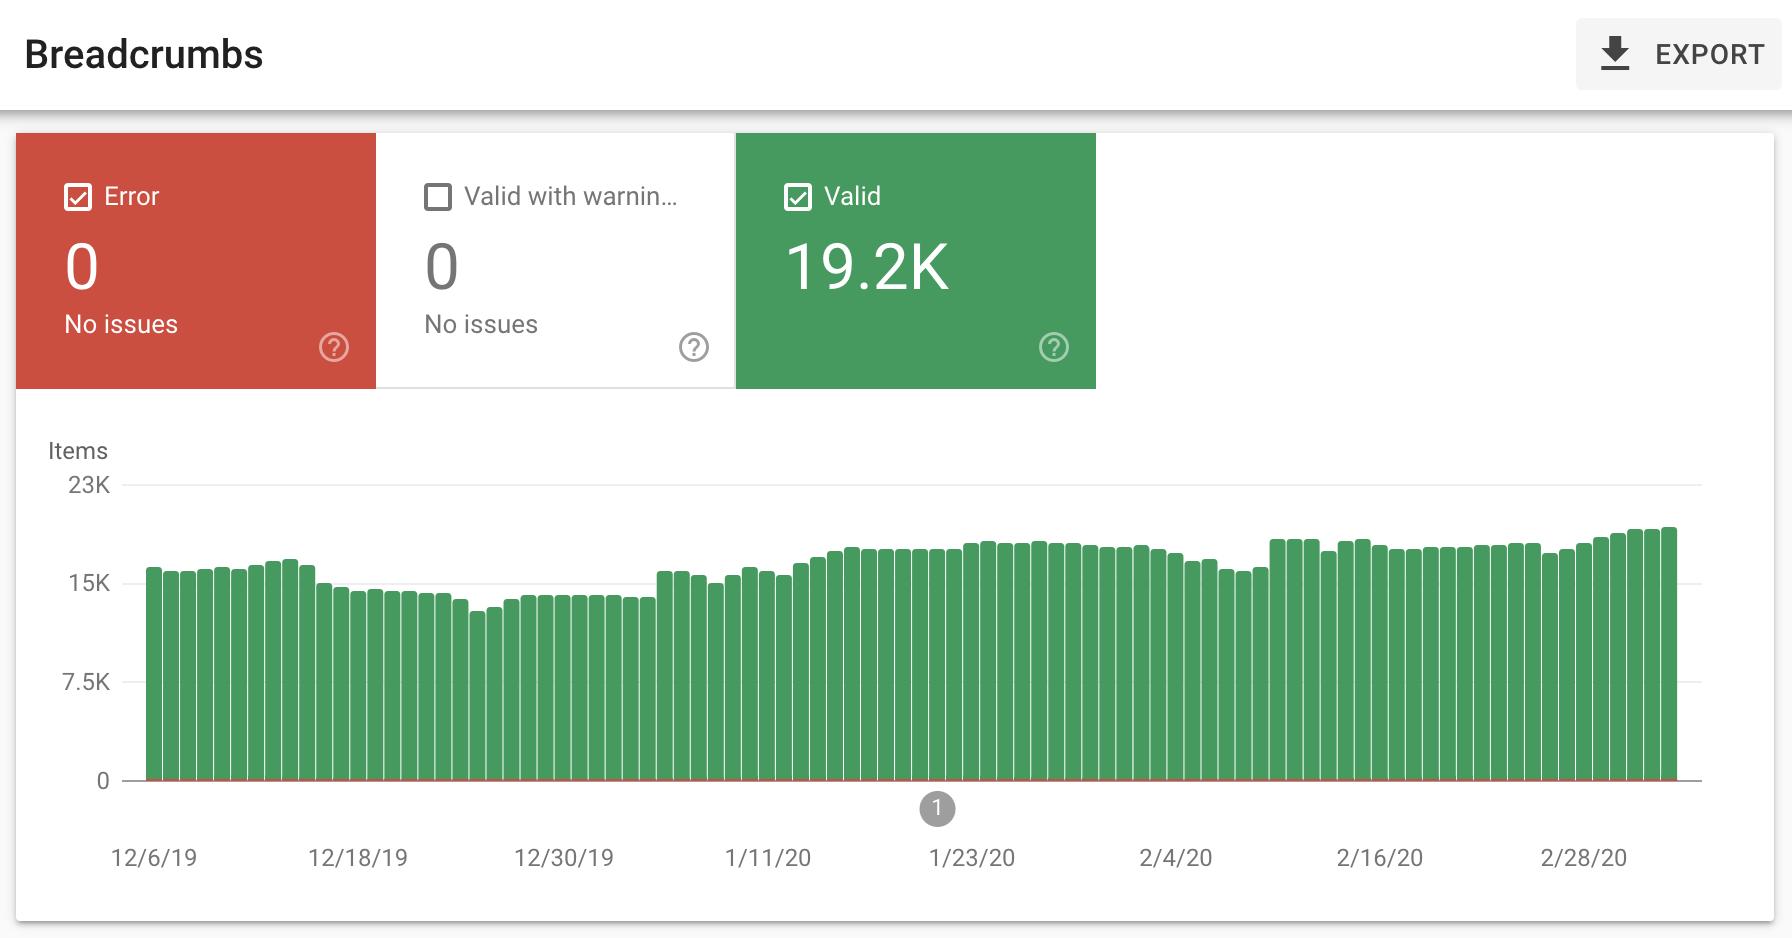 Data terstruktur Breadcrumb di Search Console